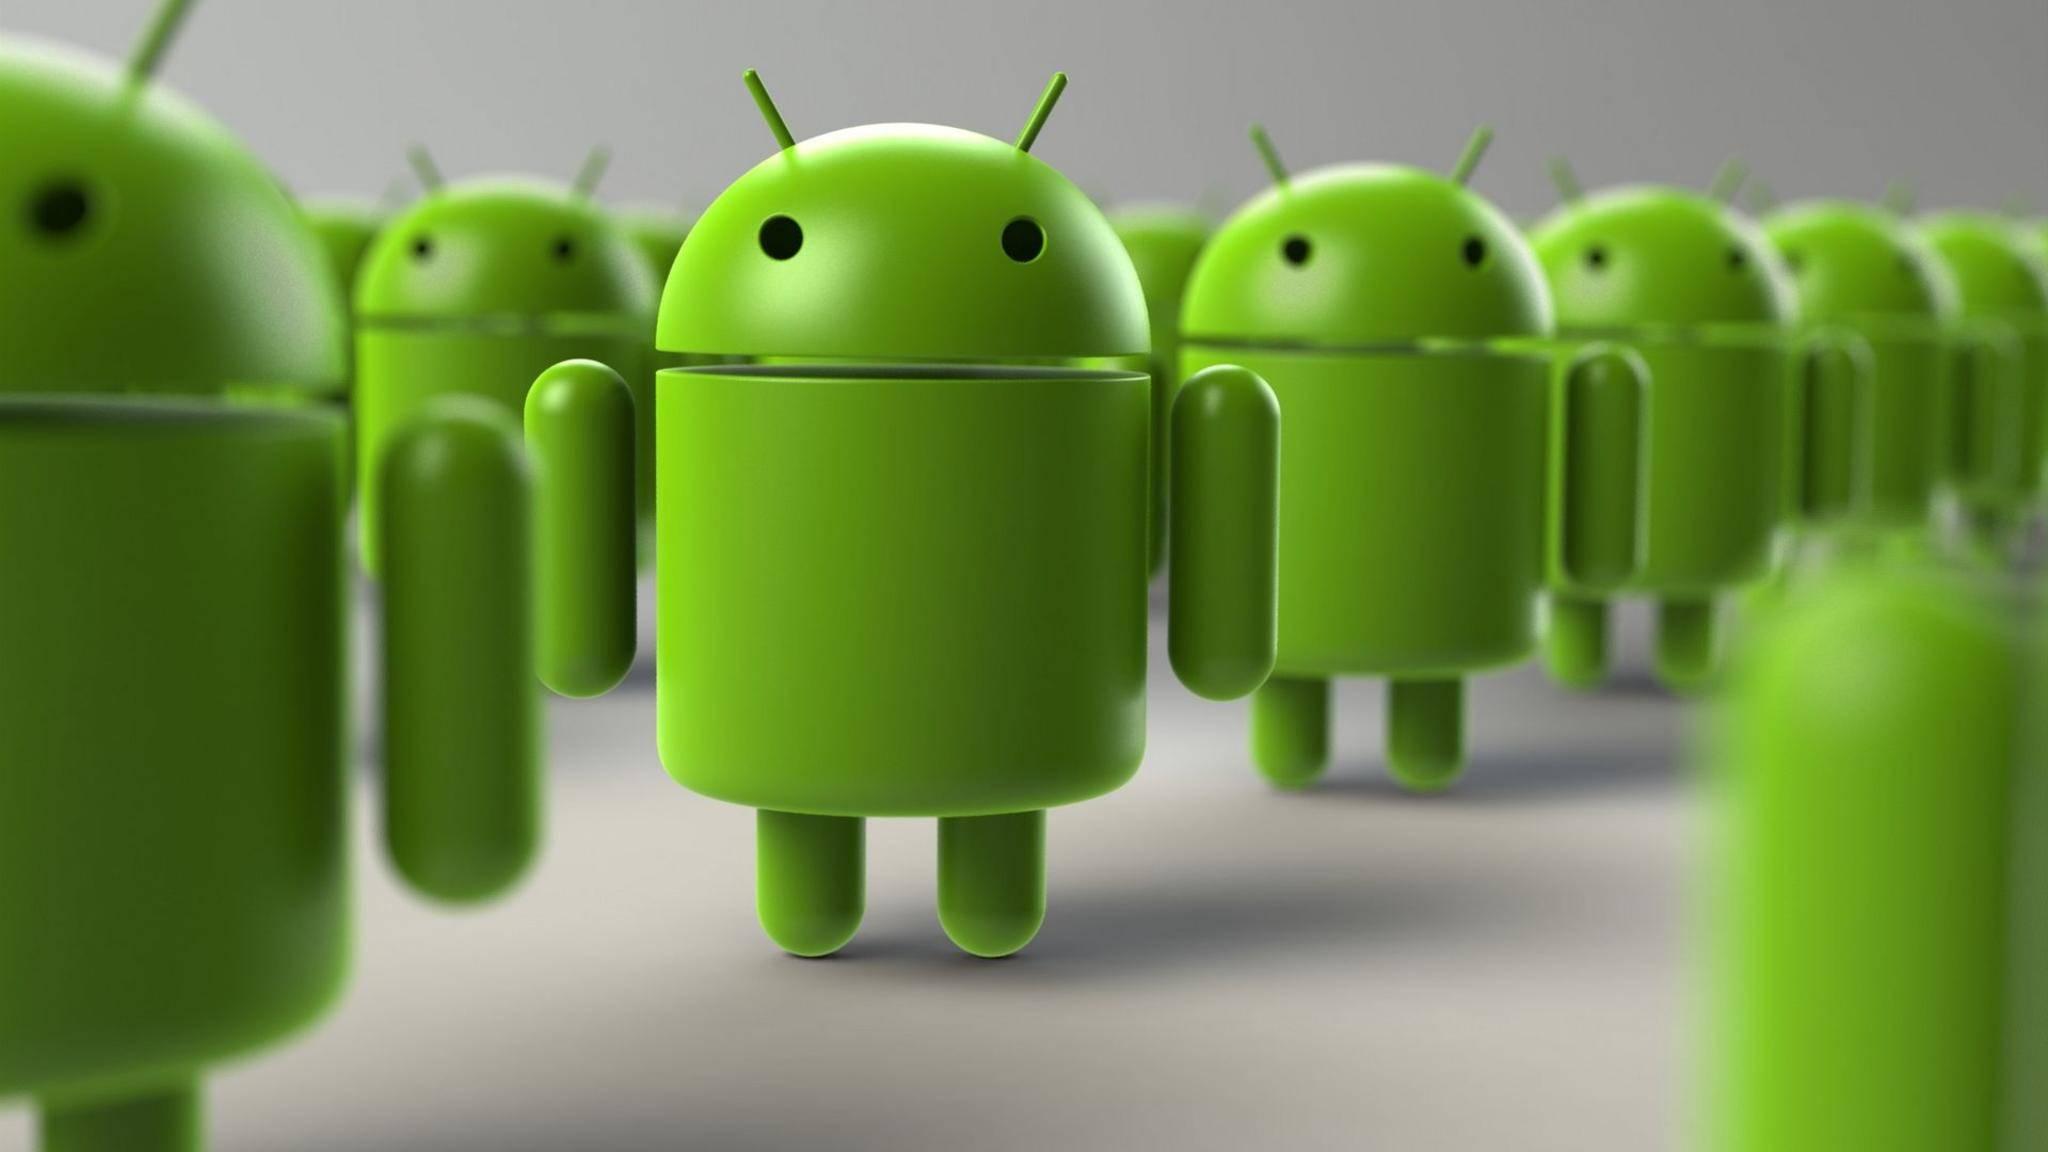 Wir zeigen Dir mögliche Lösungen für Probleme mit Android 7 Nougat.